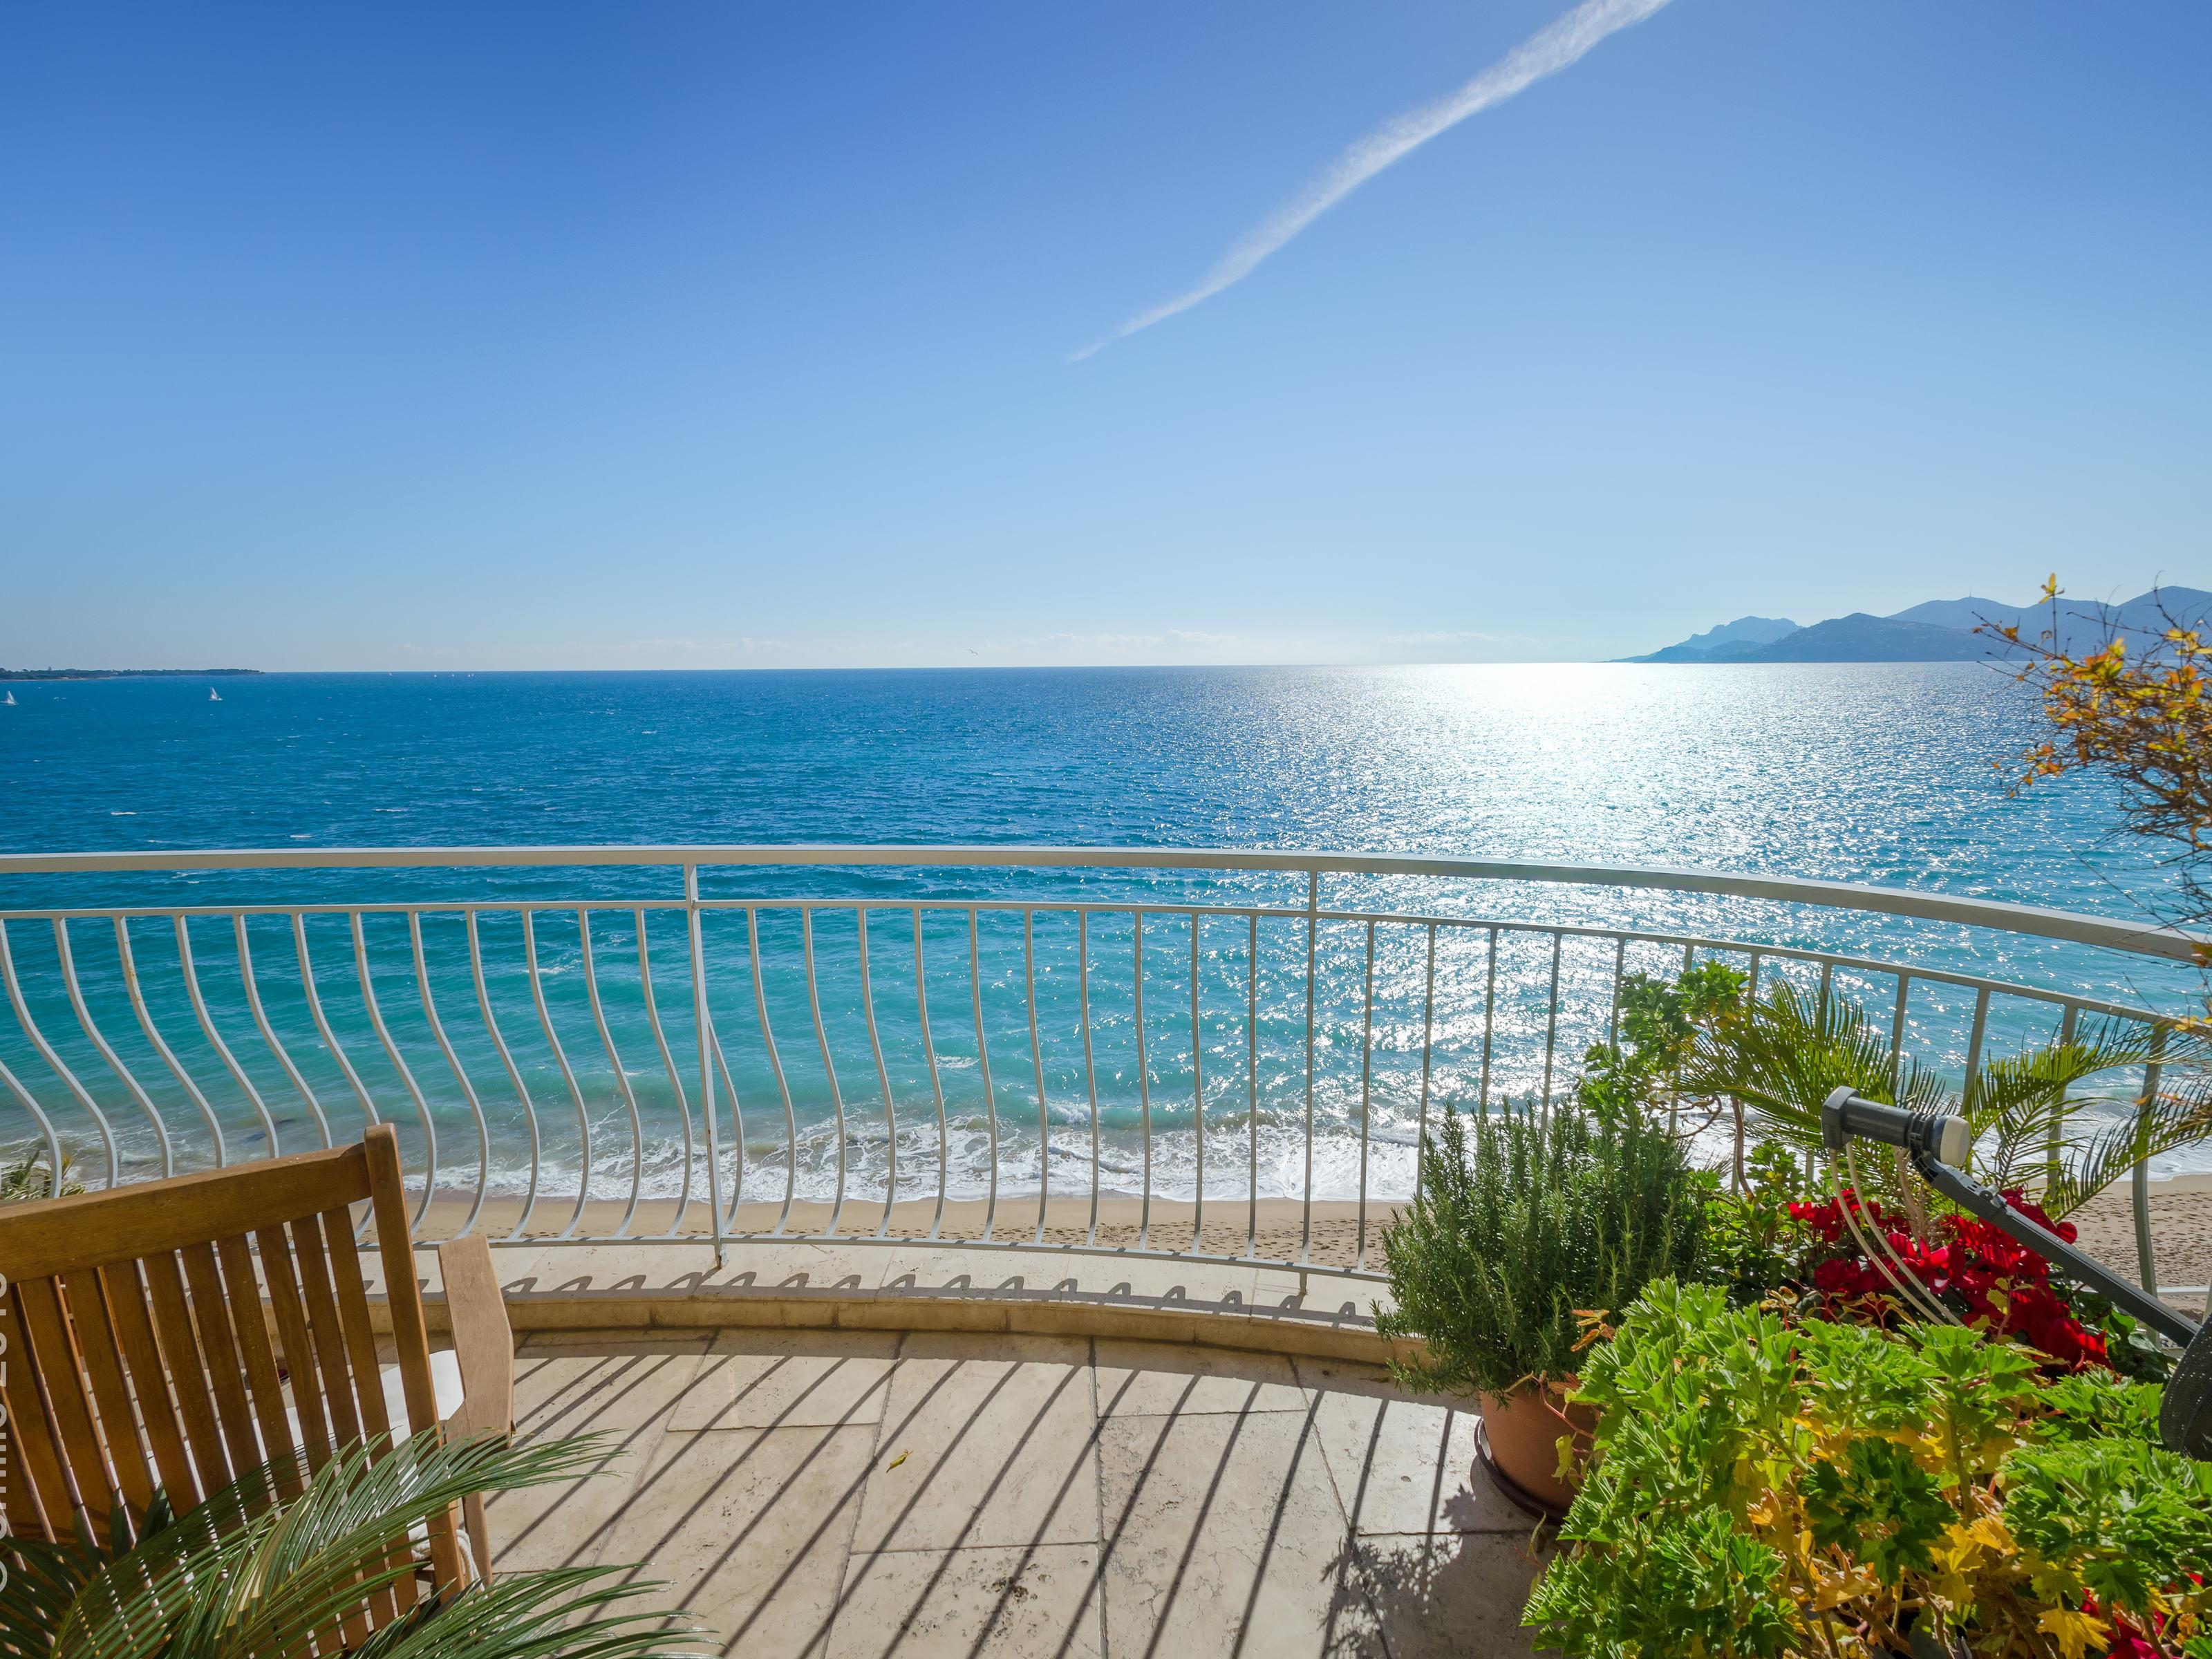 Căn hộ vì Bán tại Beach front Penthouse Cannes, Provence-Alpes-Cote D'Azur 06400 Pháp